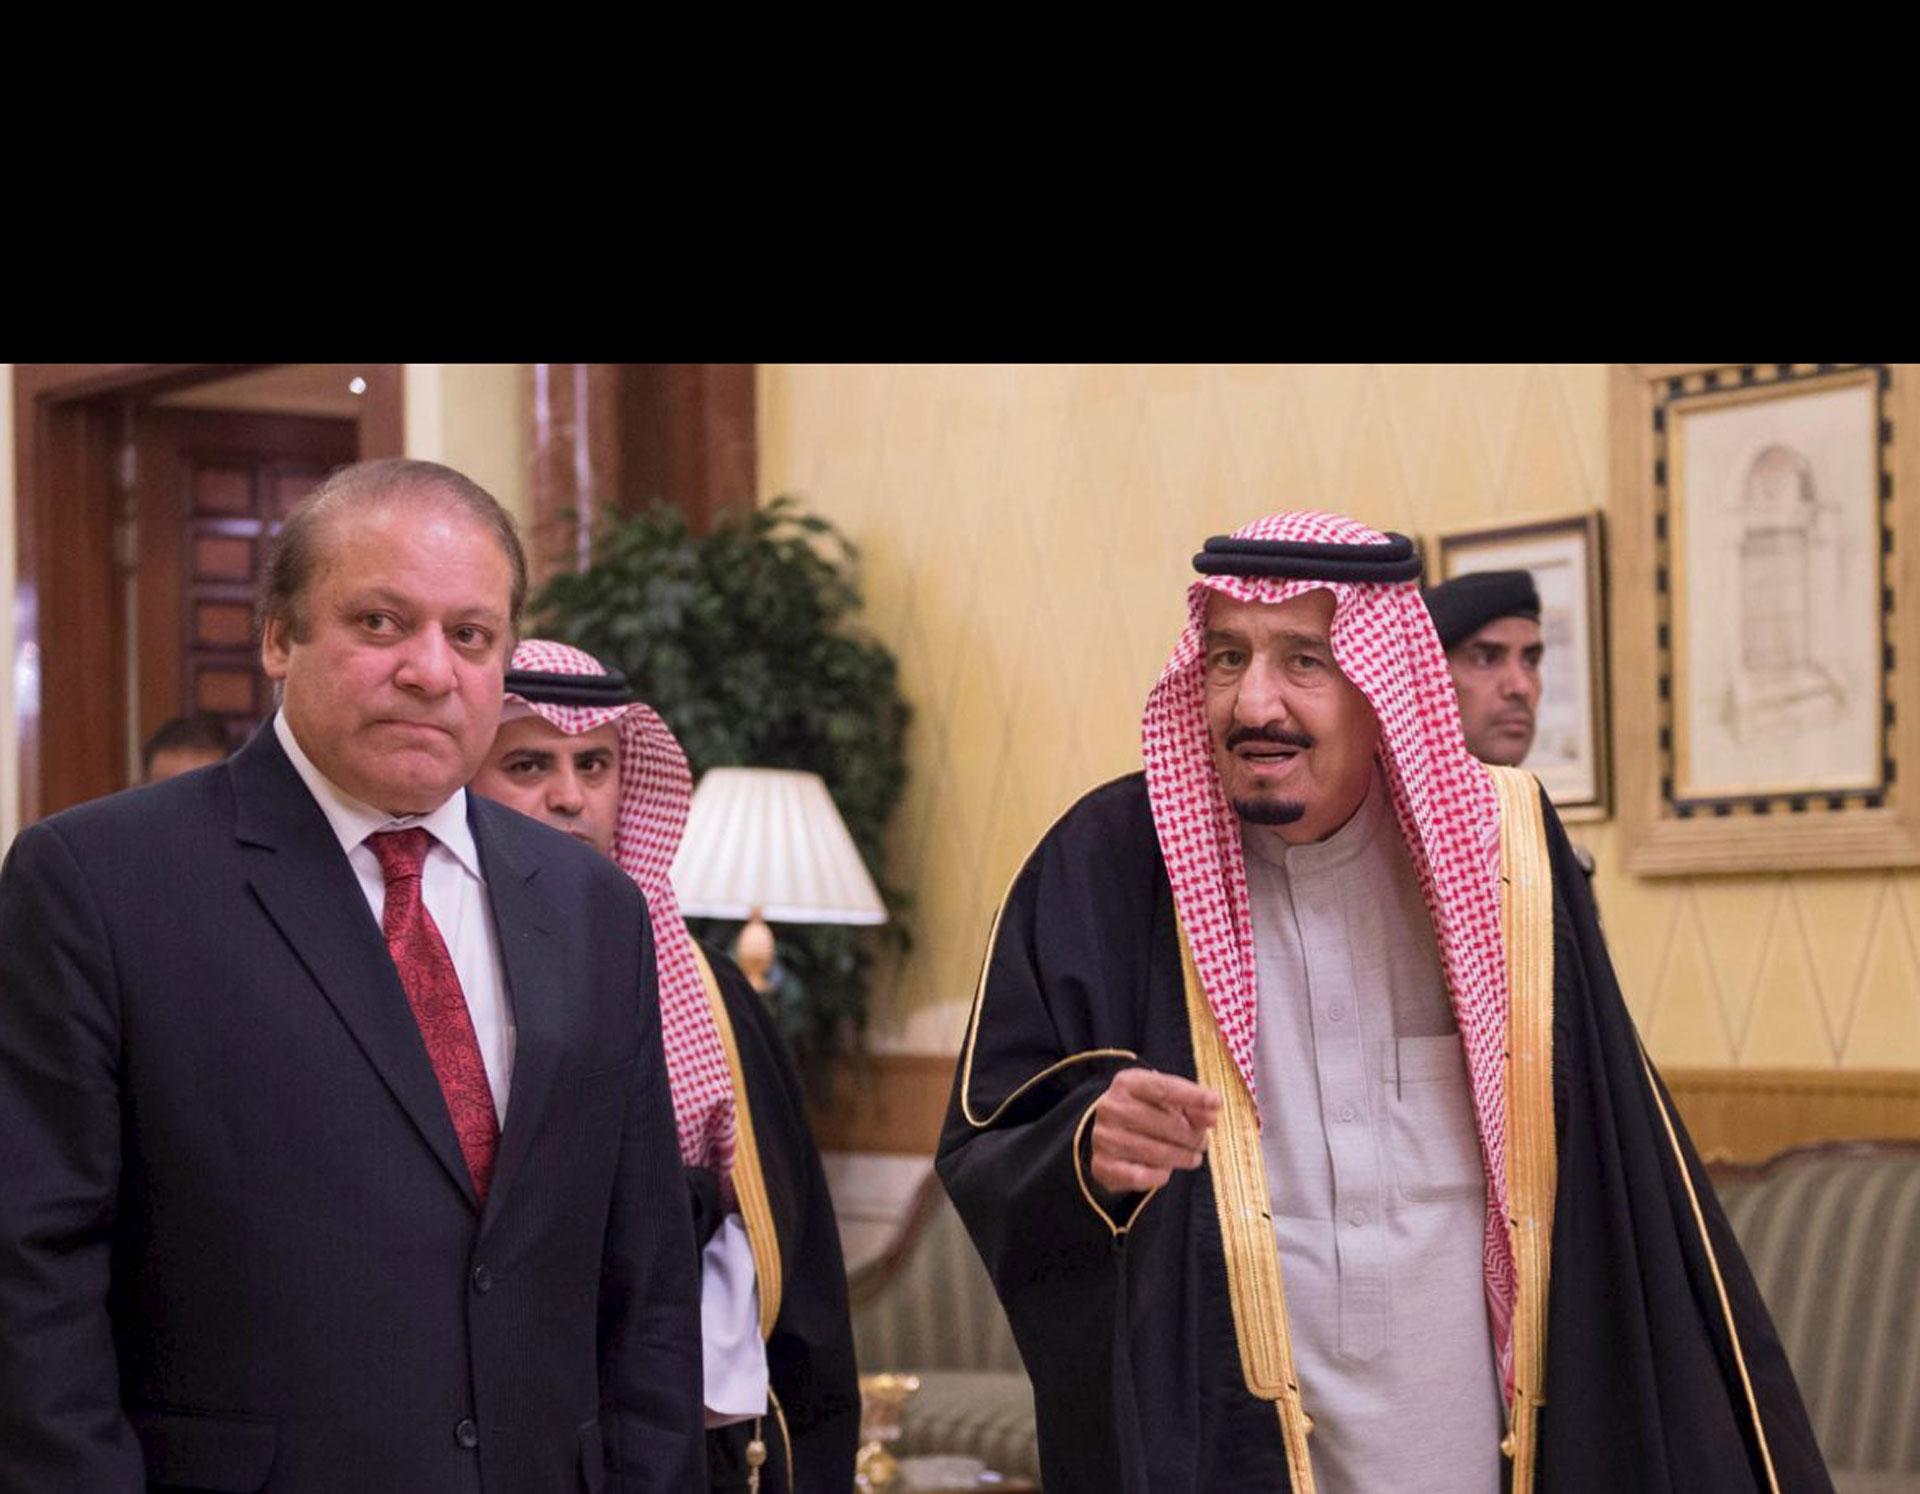 El primer mandatario de Pakistán se ofreció a ser mediador entre ambos países